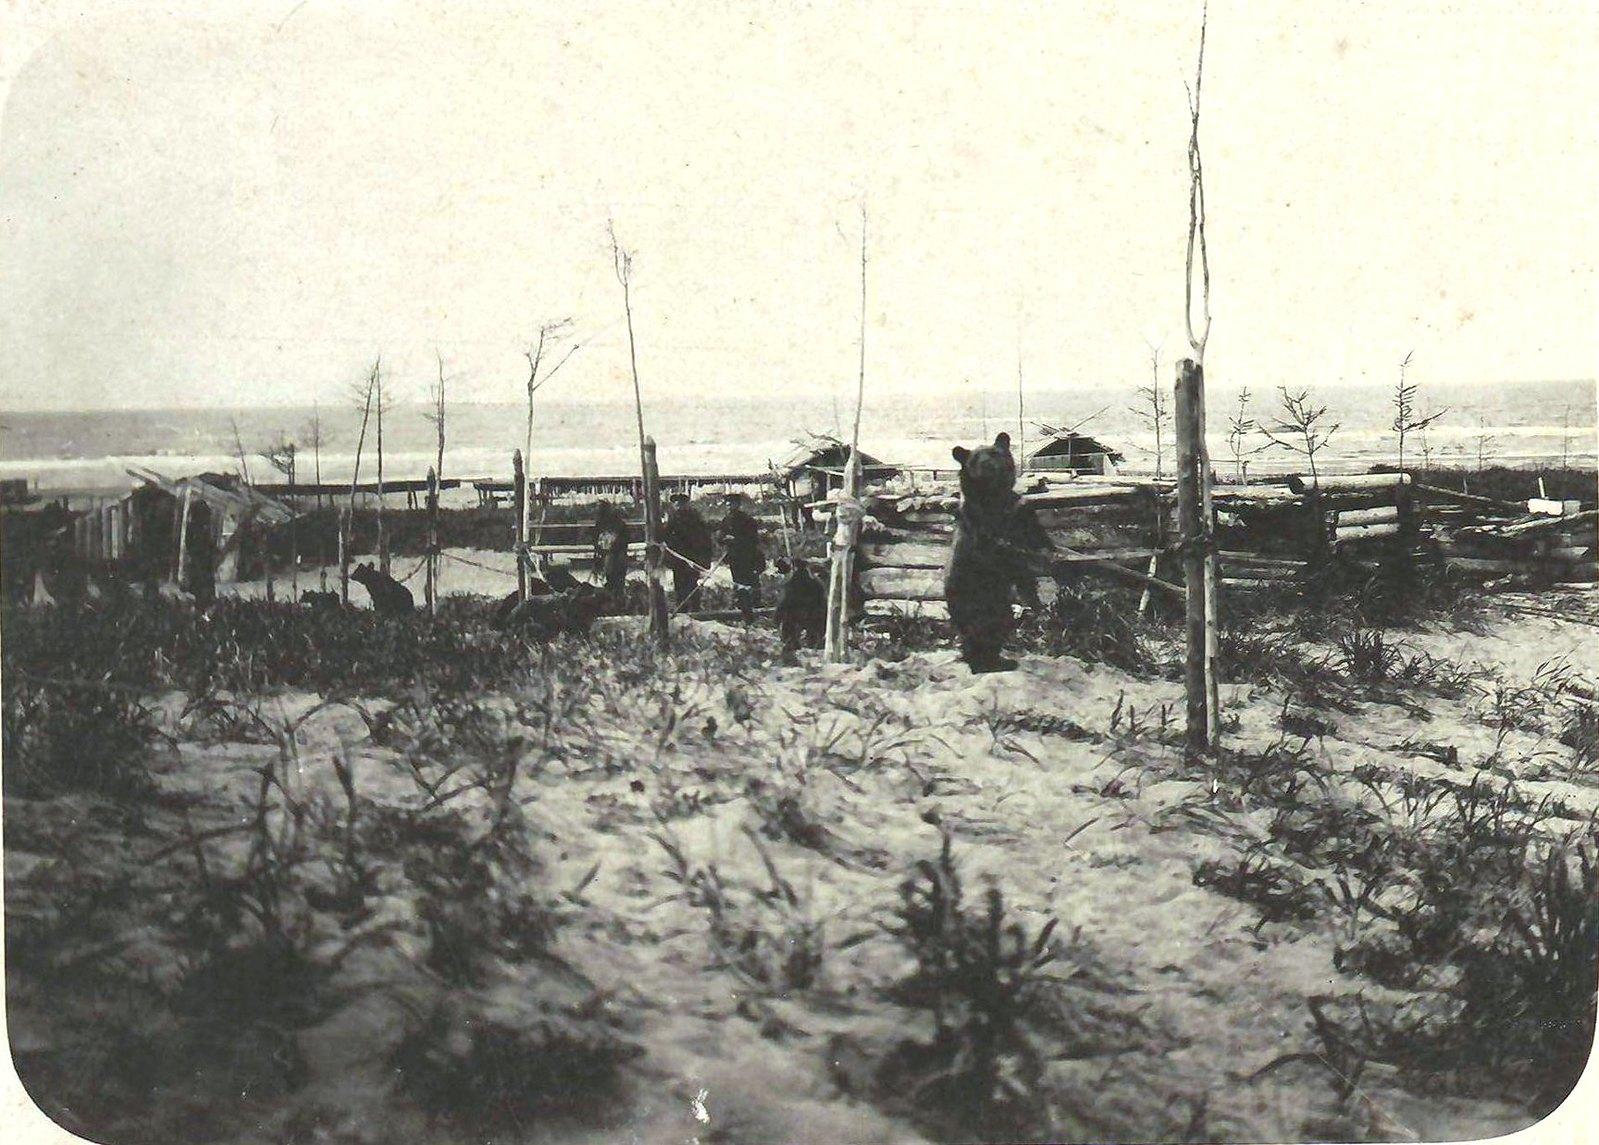 13. Медведи для медвежьего праздника в северной части Сахалина в гиляцкой деревне Кеф